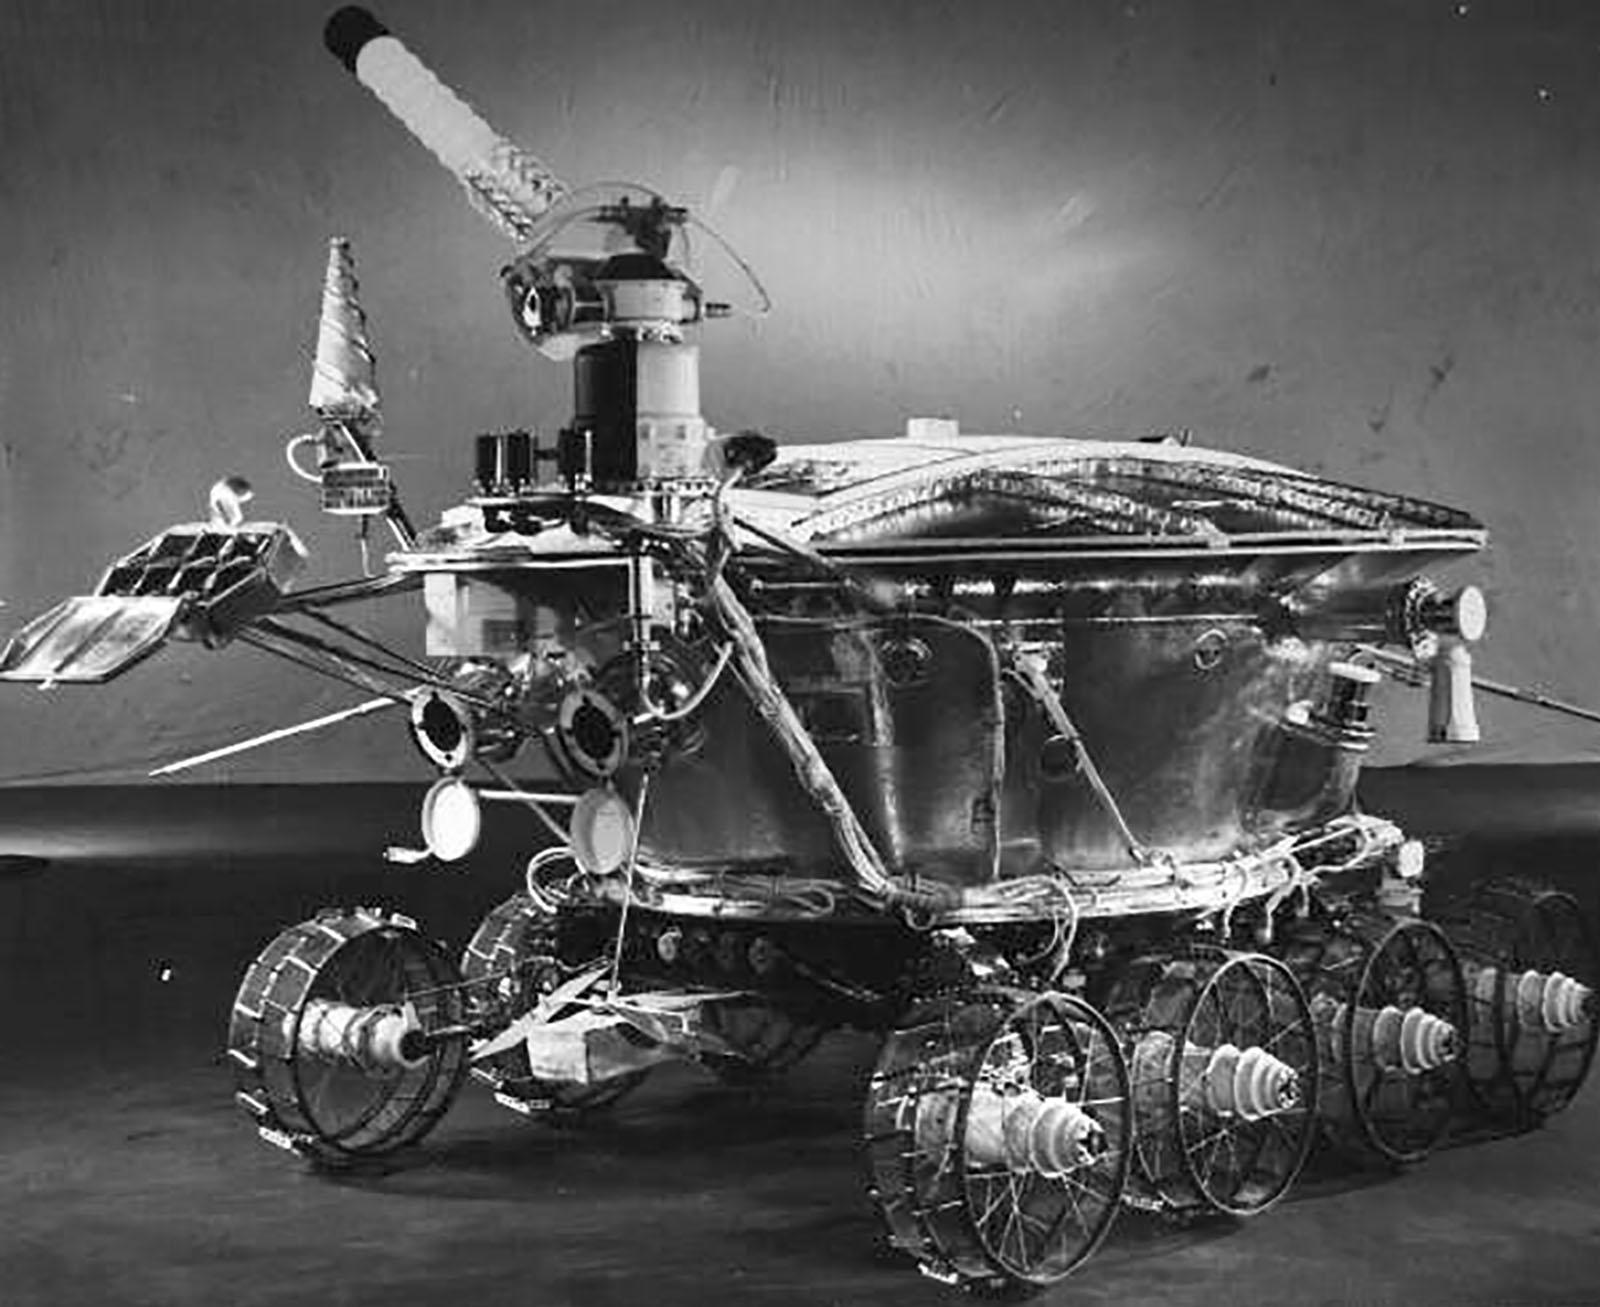 1970 год. Путешествие по луне первого советского «Лунохода»